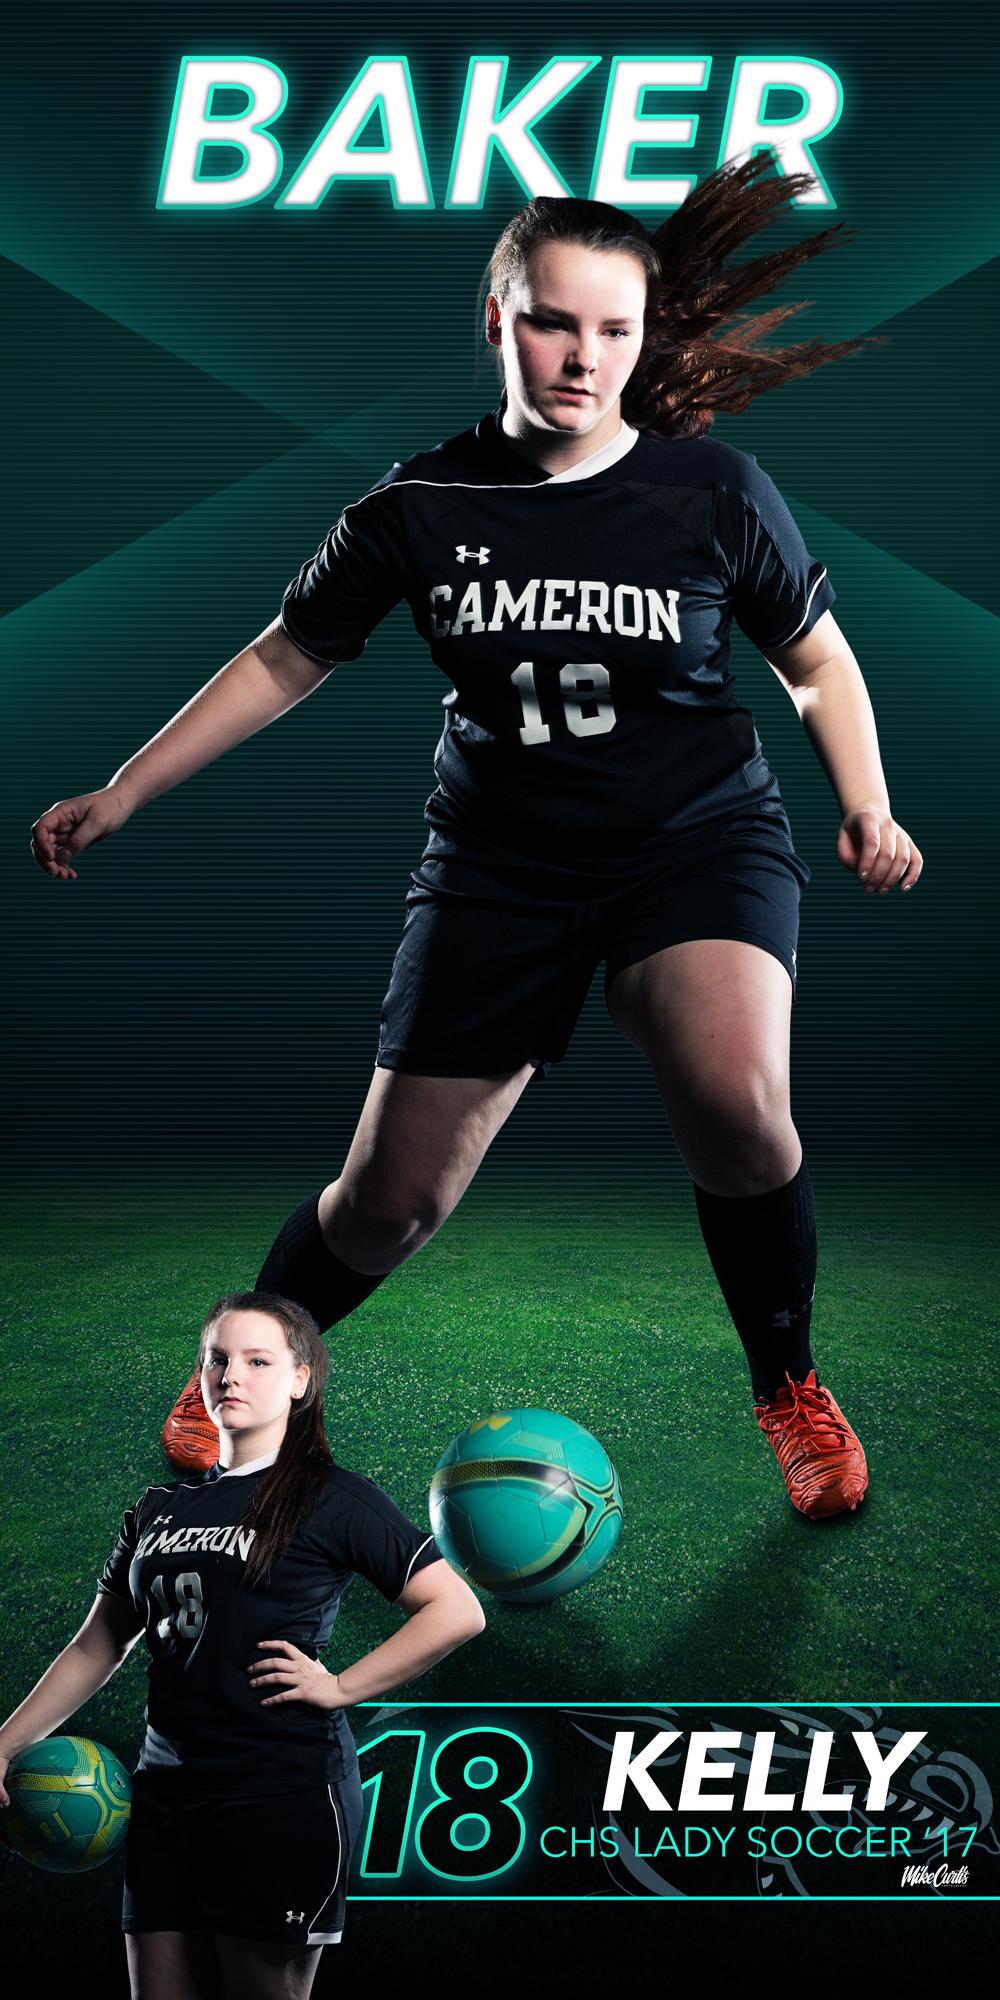 CHS-Lady-Soccer-17_Baker_2x4-Banner.jpg